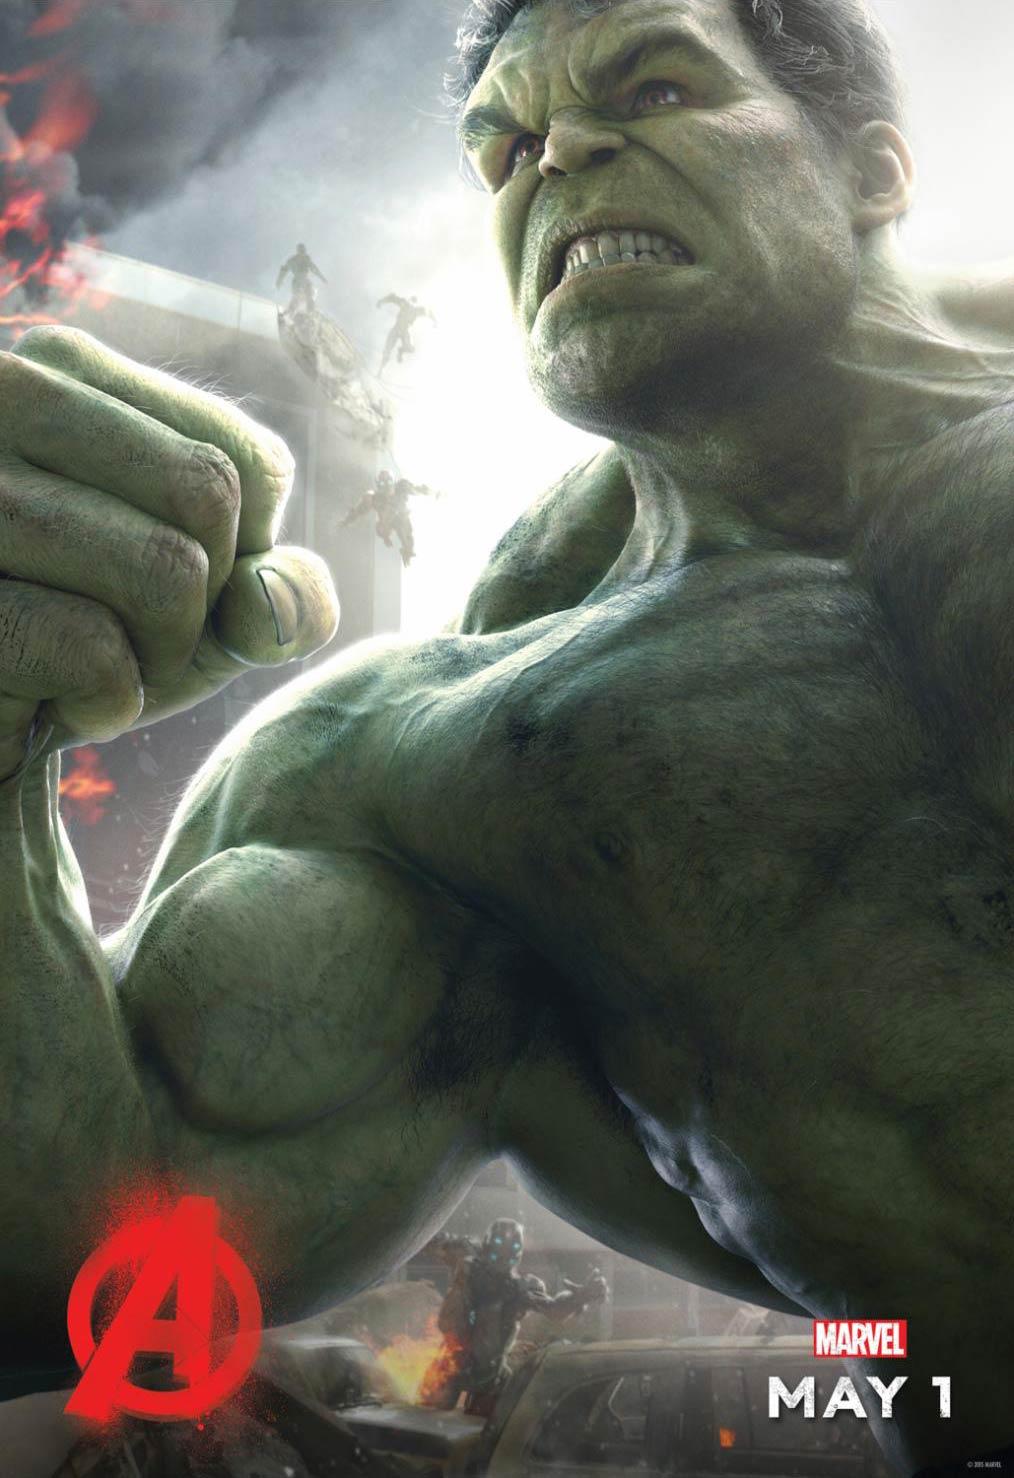 <strong>Mark Ruffalo as the Hulk</strong>